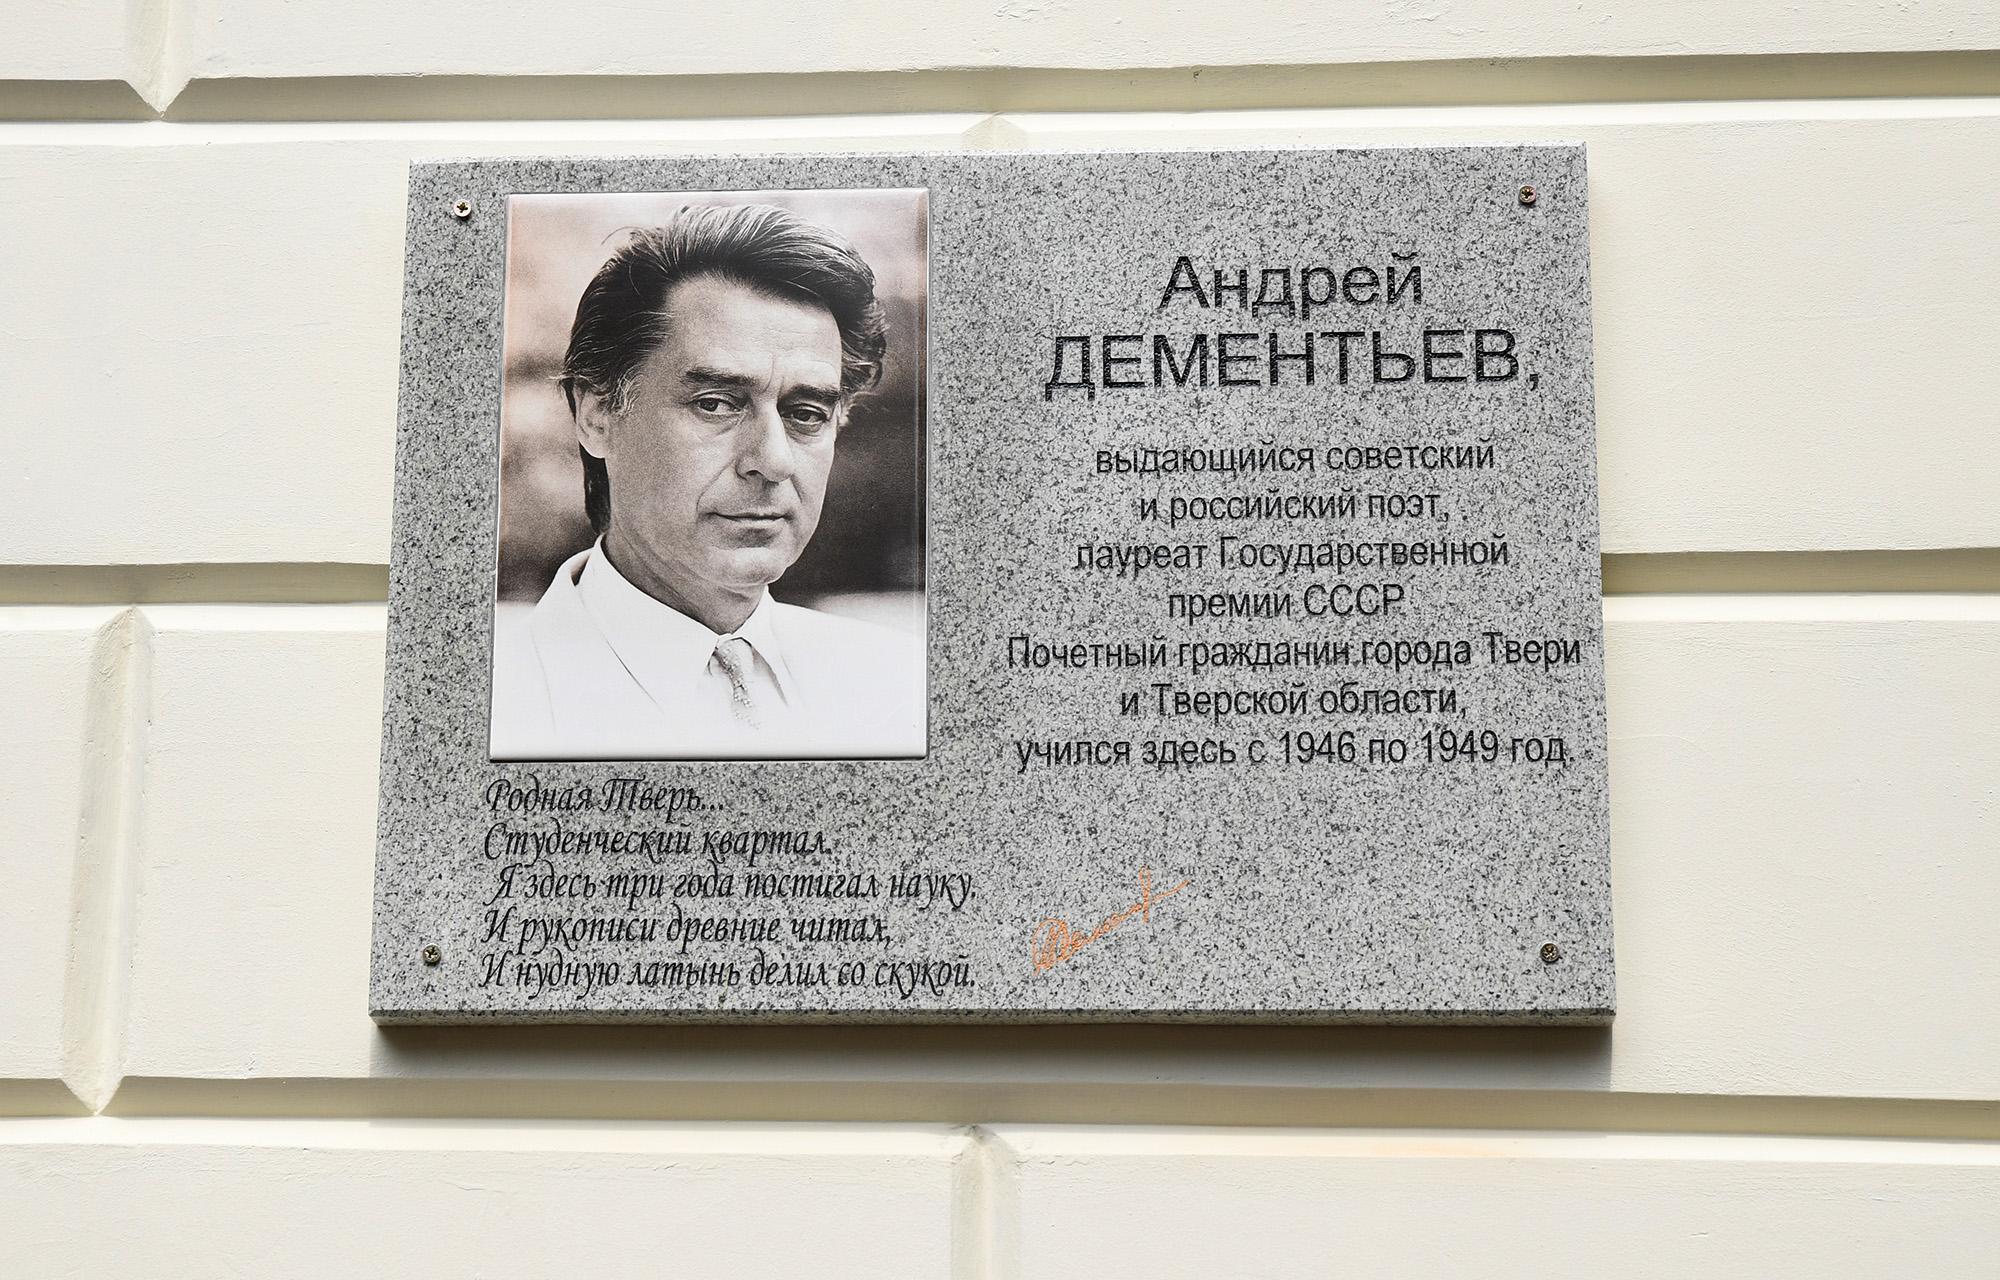 В Твери установлена мемориальная доска поэту Андрею Дементьеву